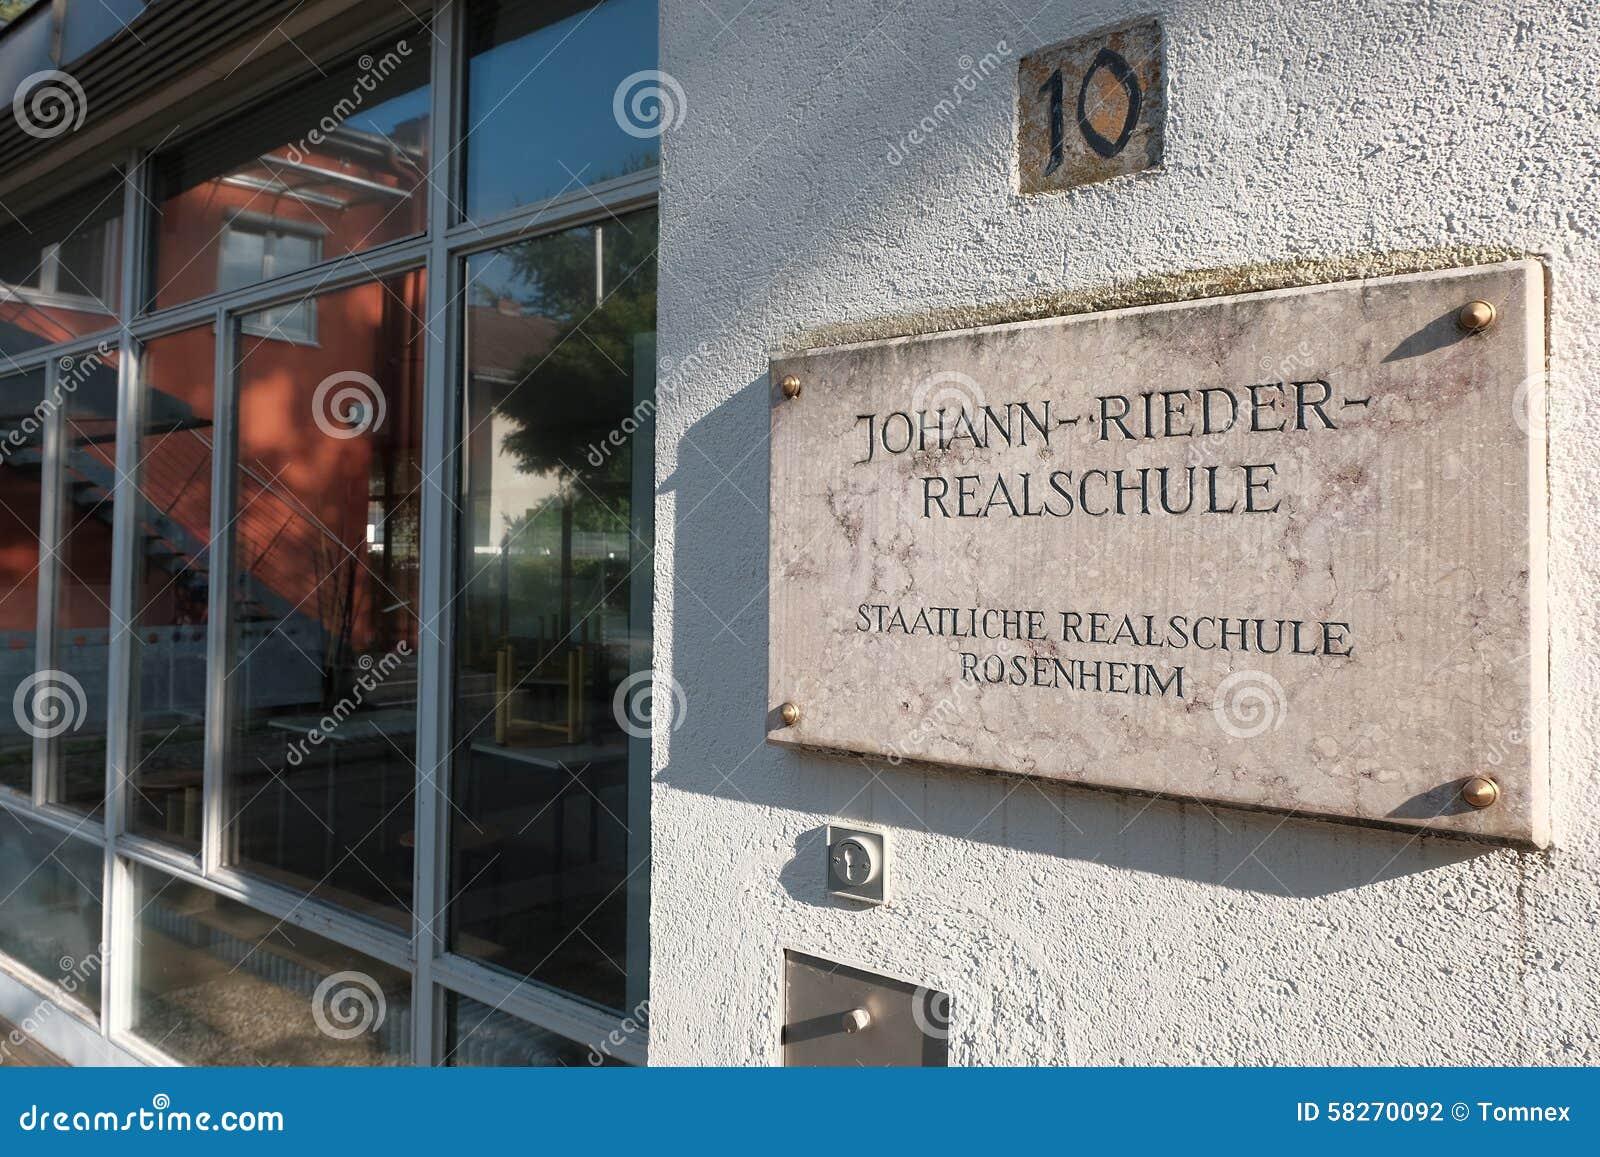 Johann rieder realschule rosenheim